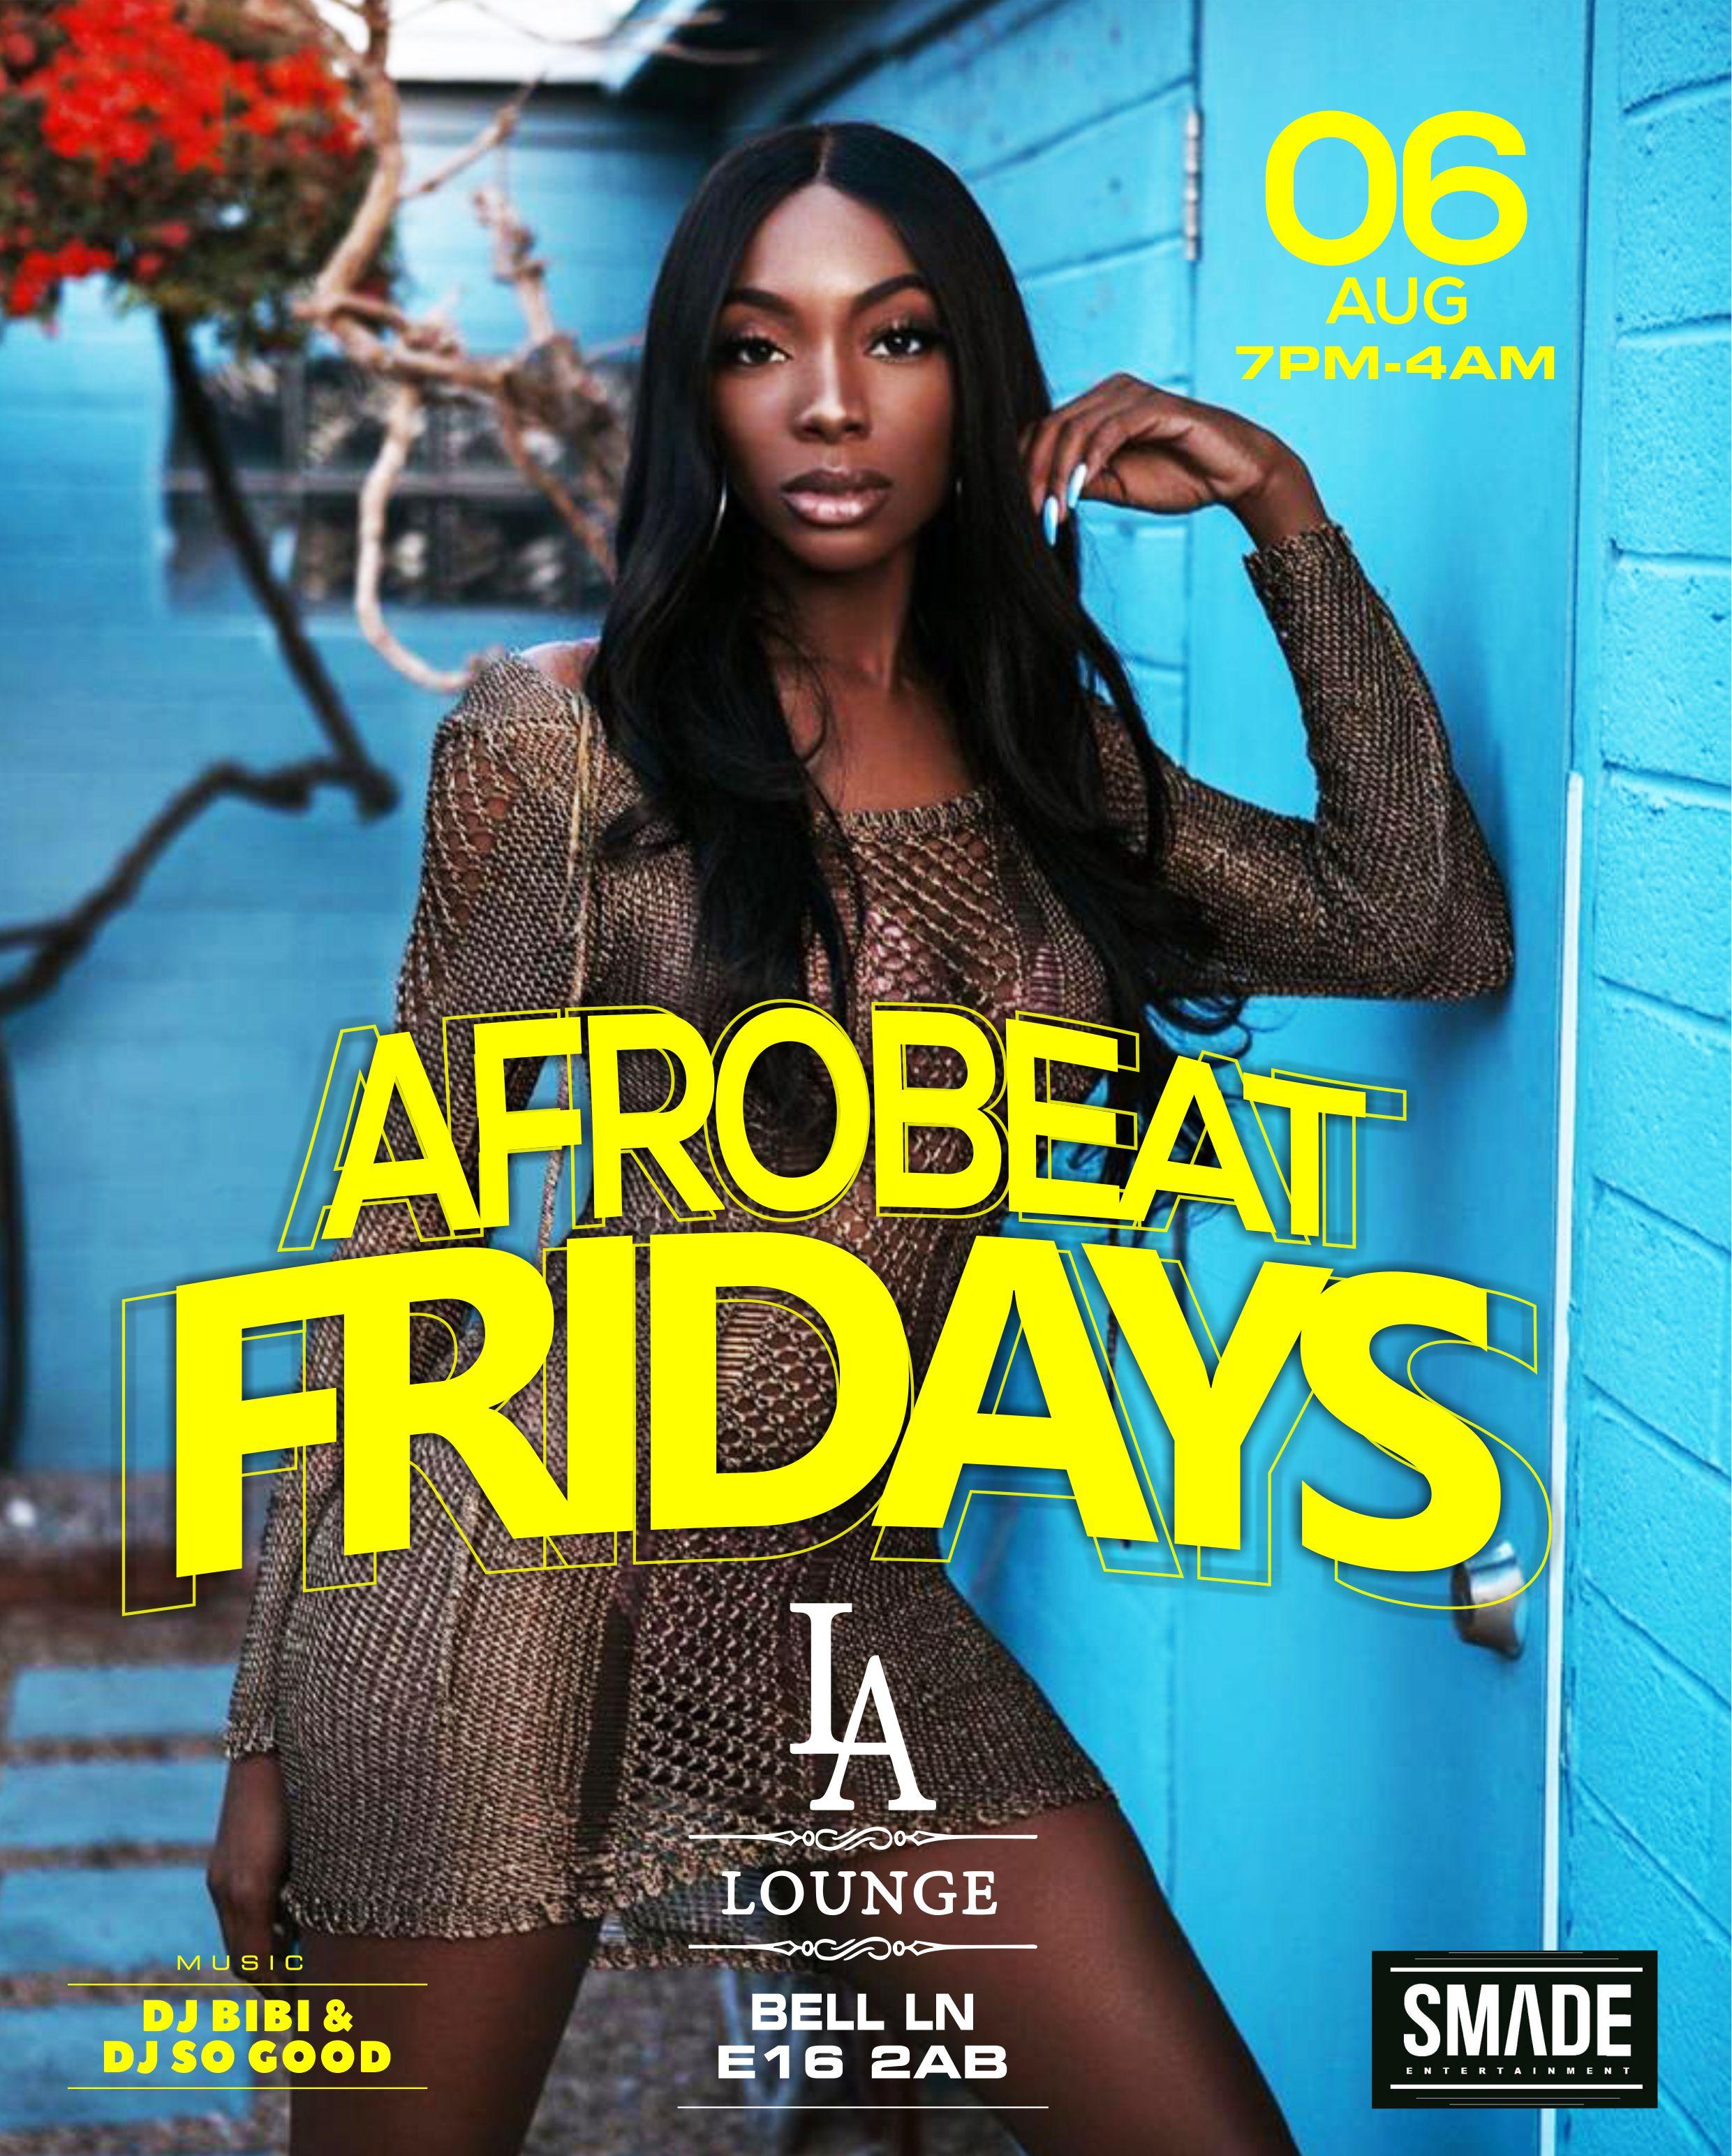 AfroBeat Fridays AUG 06 - SMADEPARTIES